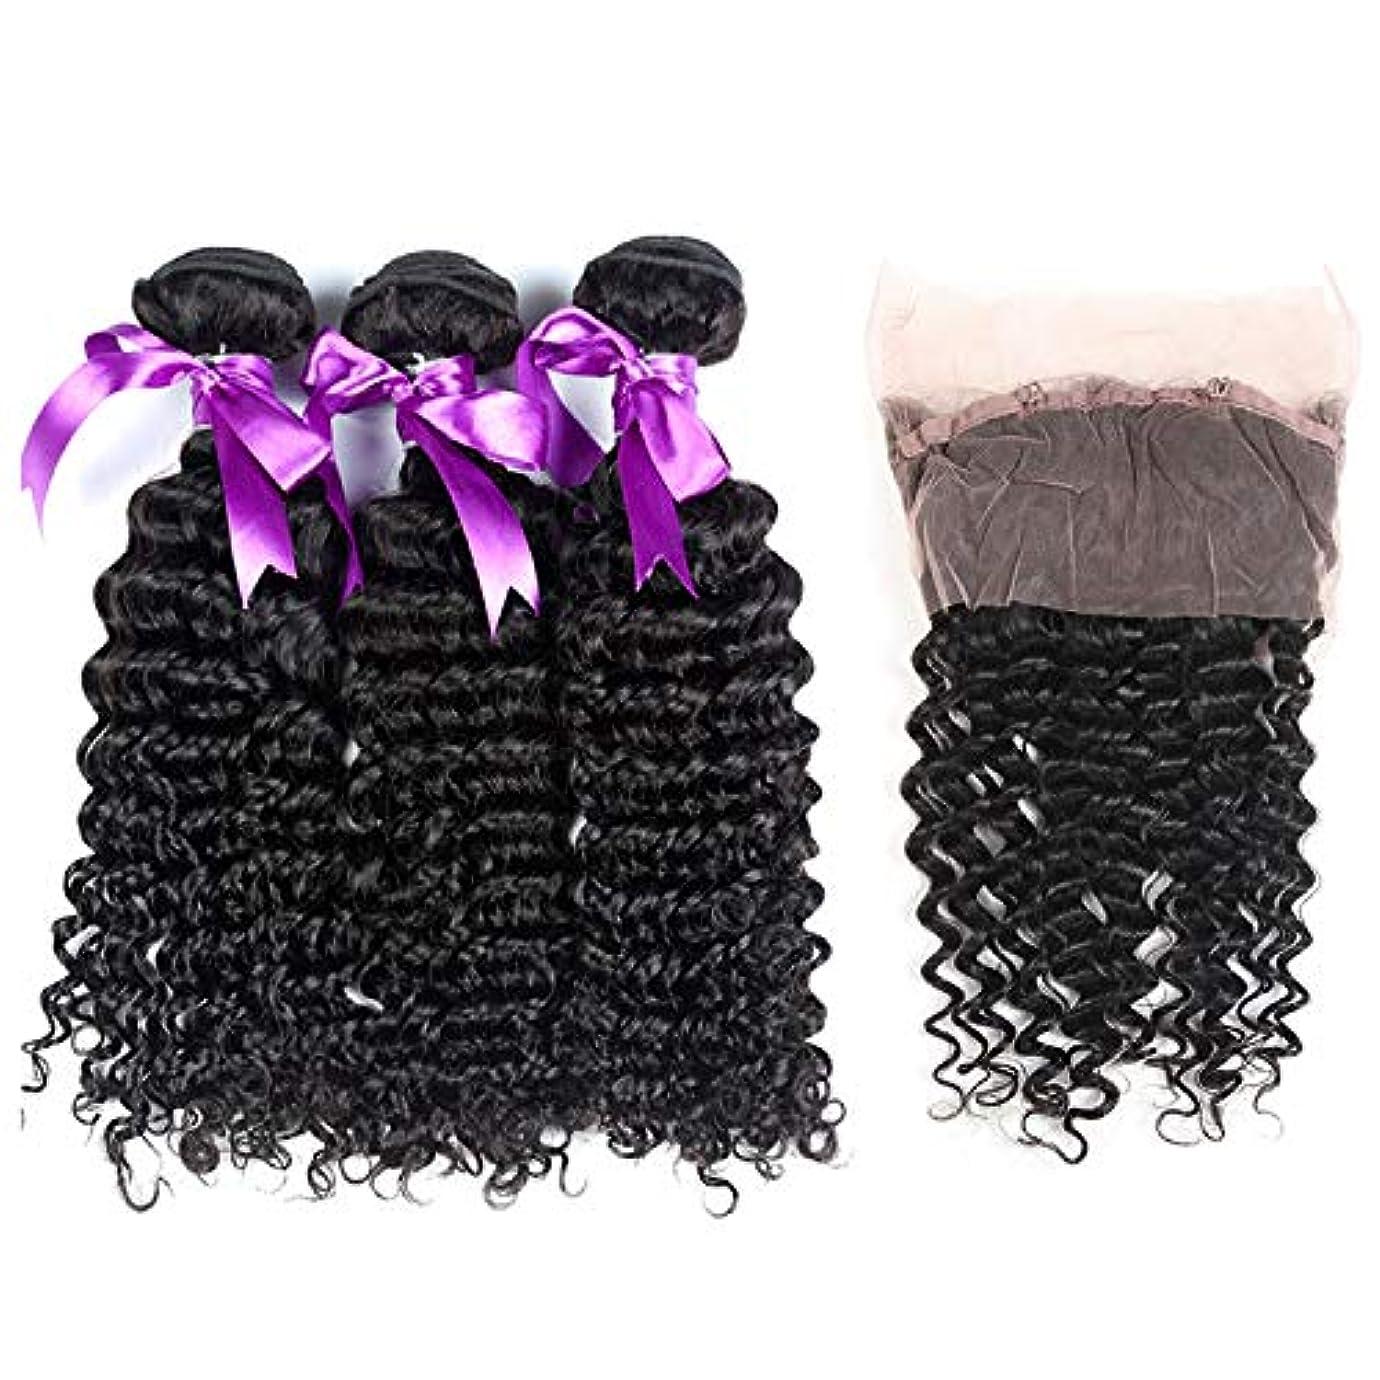 人間の髪の毛のかつら360レース前頭閉鎖とブラジルのディープウェーブの束100%Non-Remy人間の髪の束 (Length : 26 28 28 Closure20)